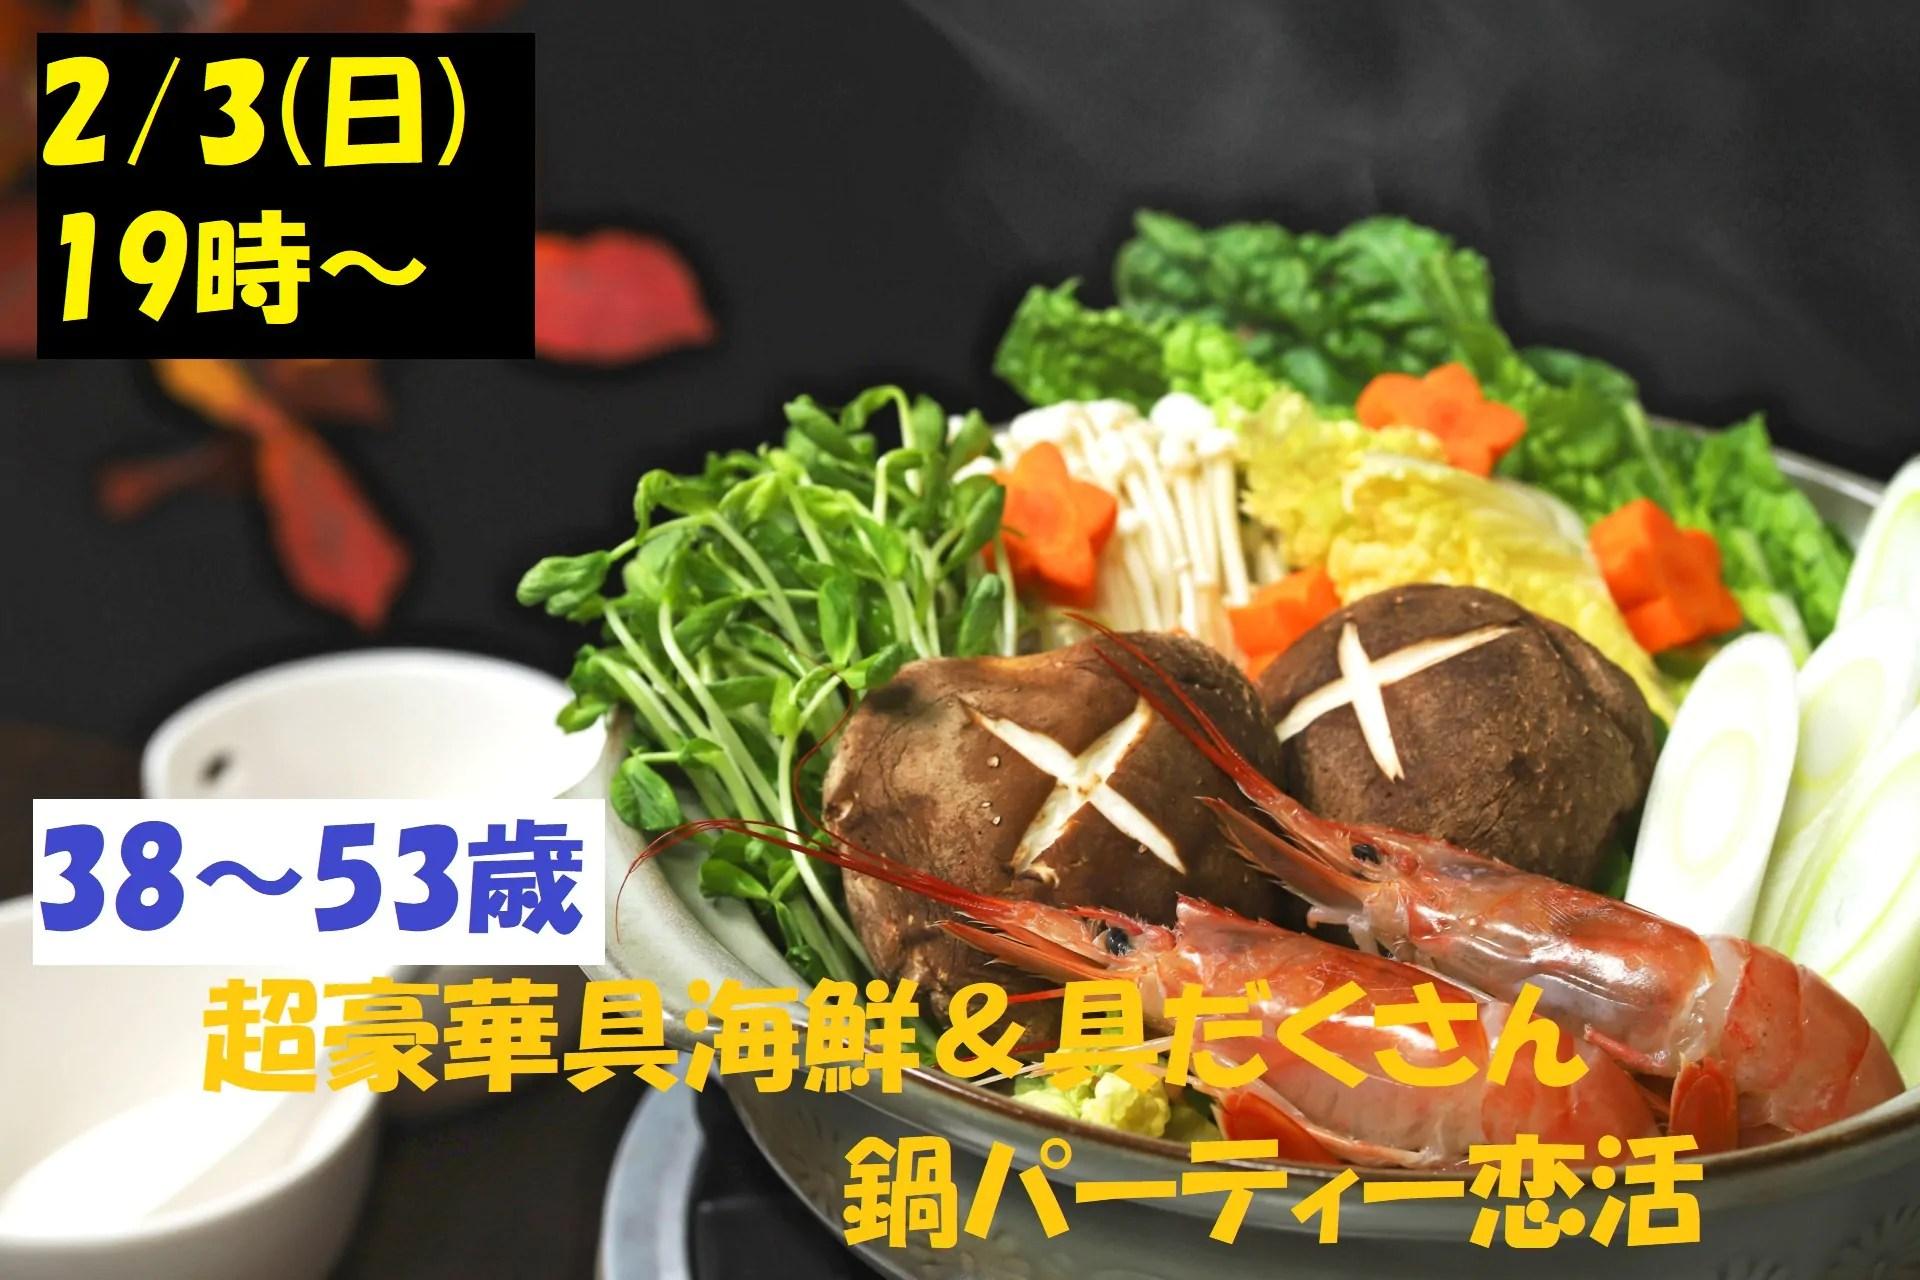 【終了】2月3日(日)19時~【38~53歳】40代中心!超豪華海鮮&具だくさん鍋パーティ恋活!